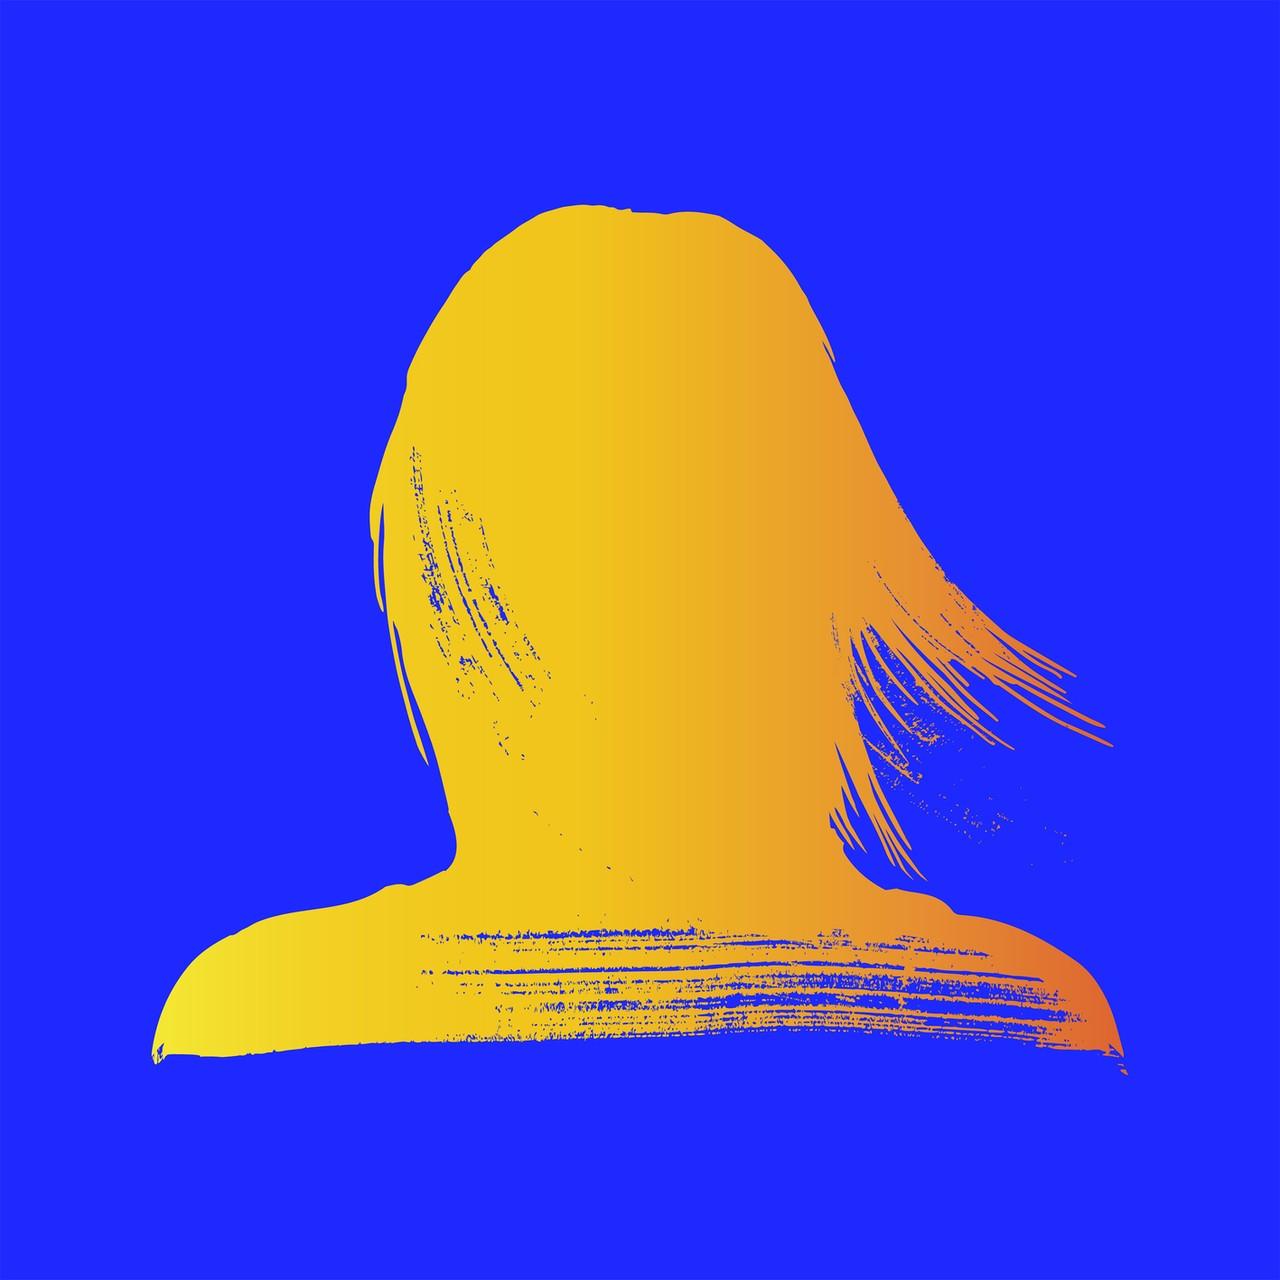 宇多田ヒカル (Utada Hikaru) – Too Proud featuring XZT, Suboi, EK (L1 Remix) [Mora FLAC 24bit/48kHz]